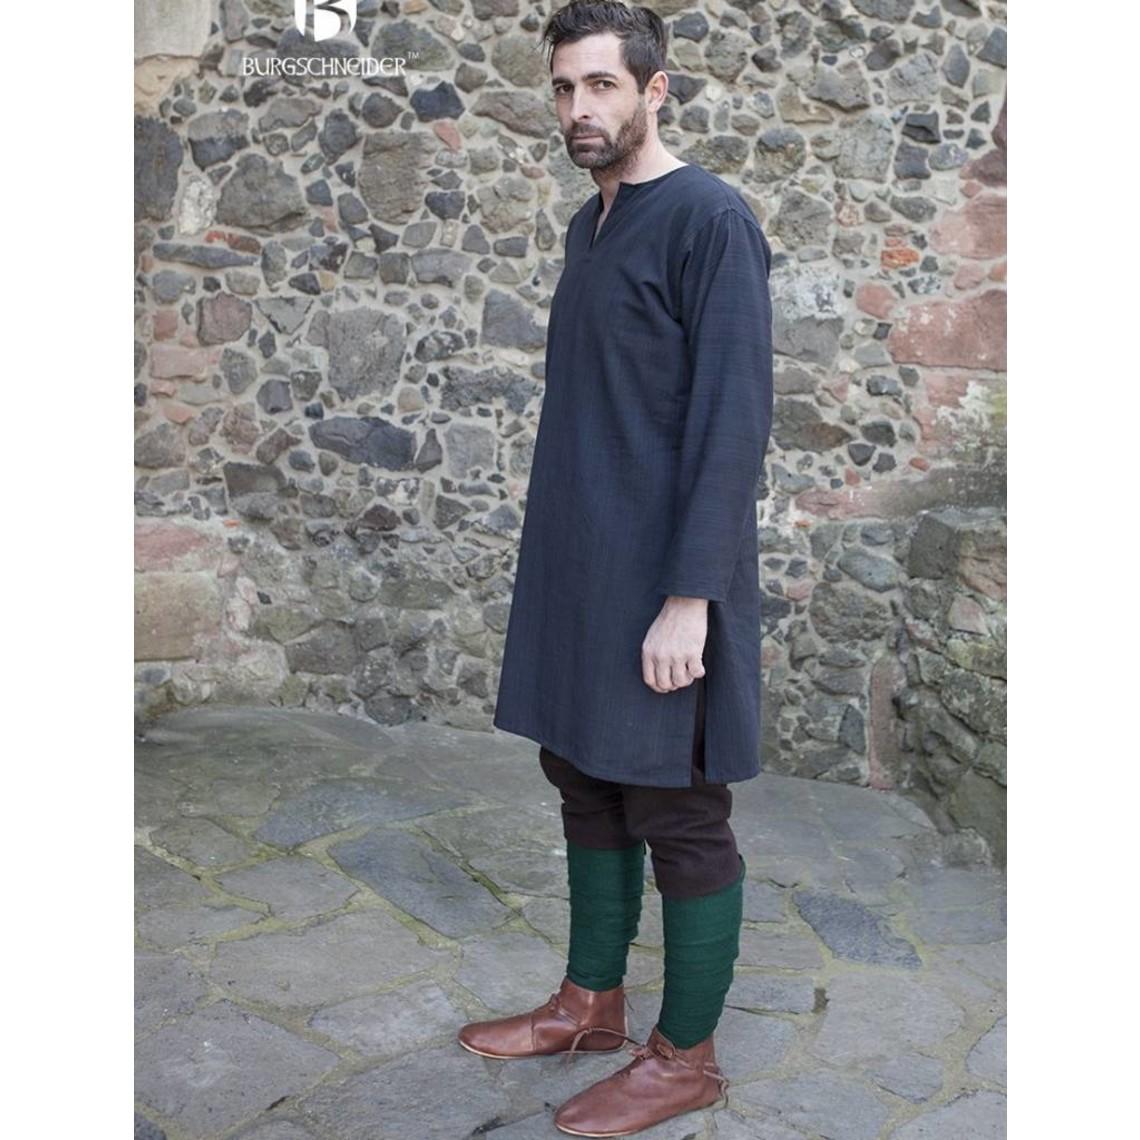 Burgschneider Túnica Leif, negro